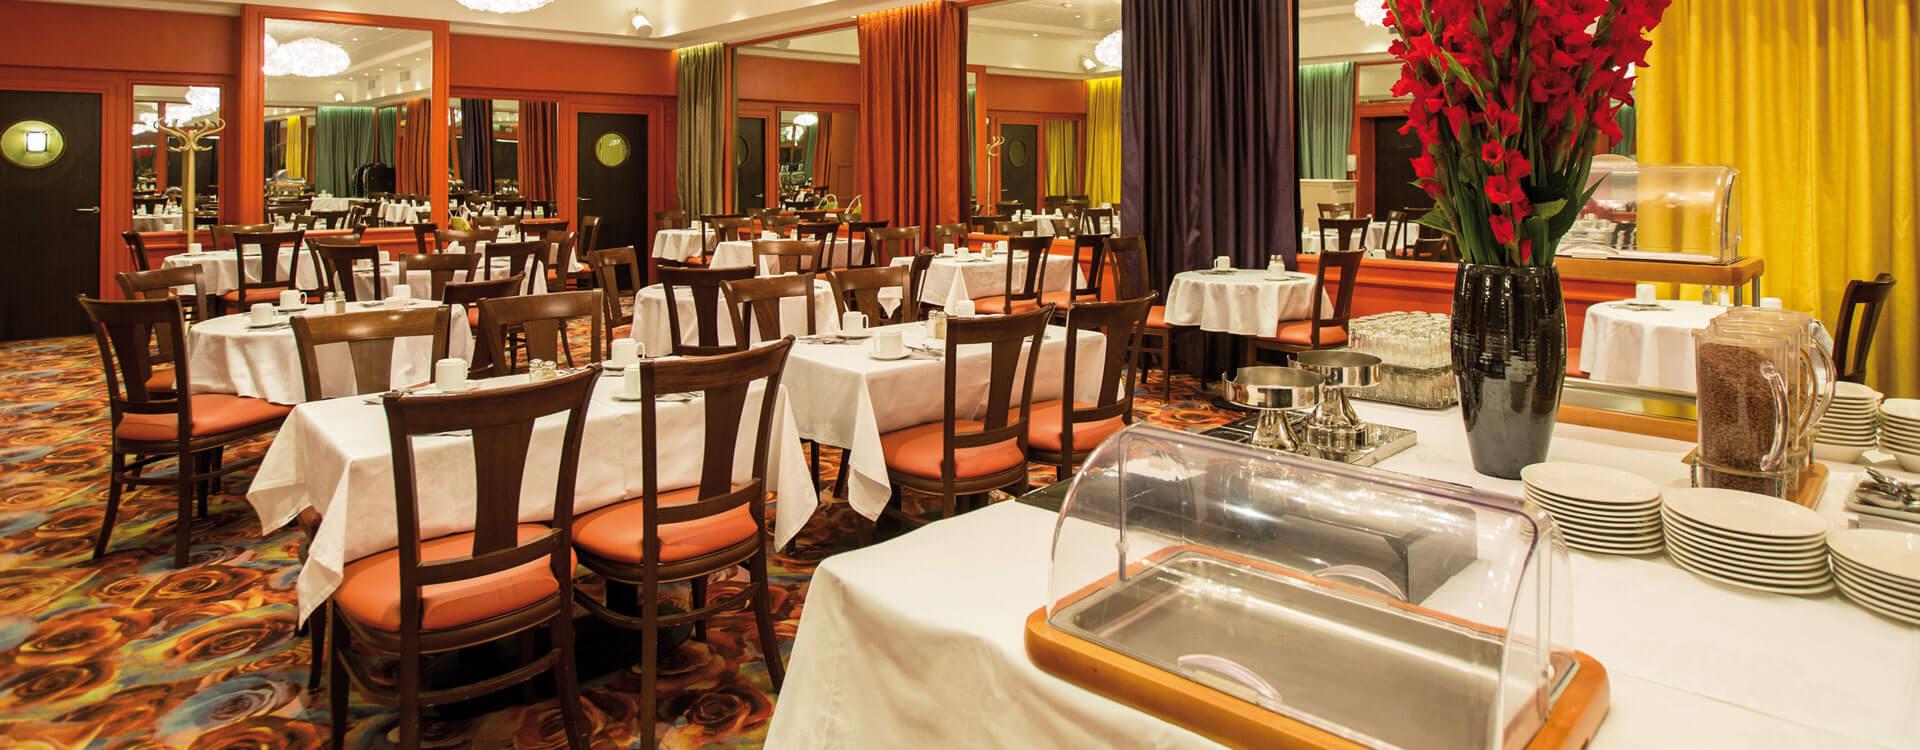 Hôtel*** Paris Provinces Opéra